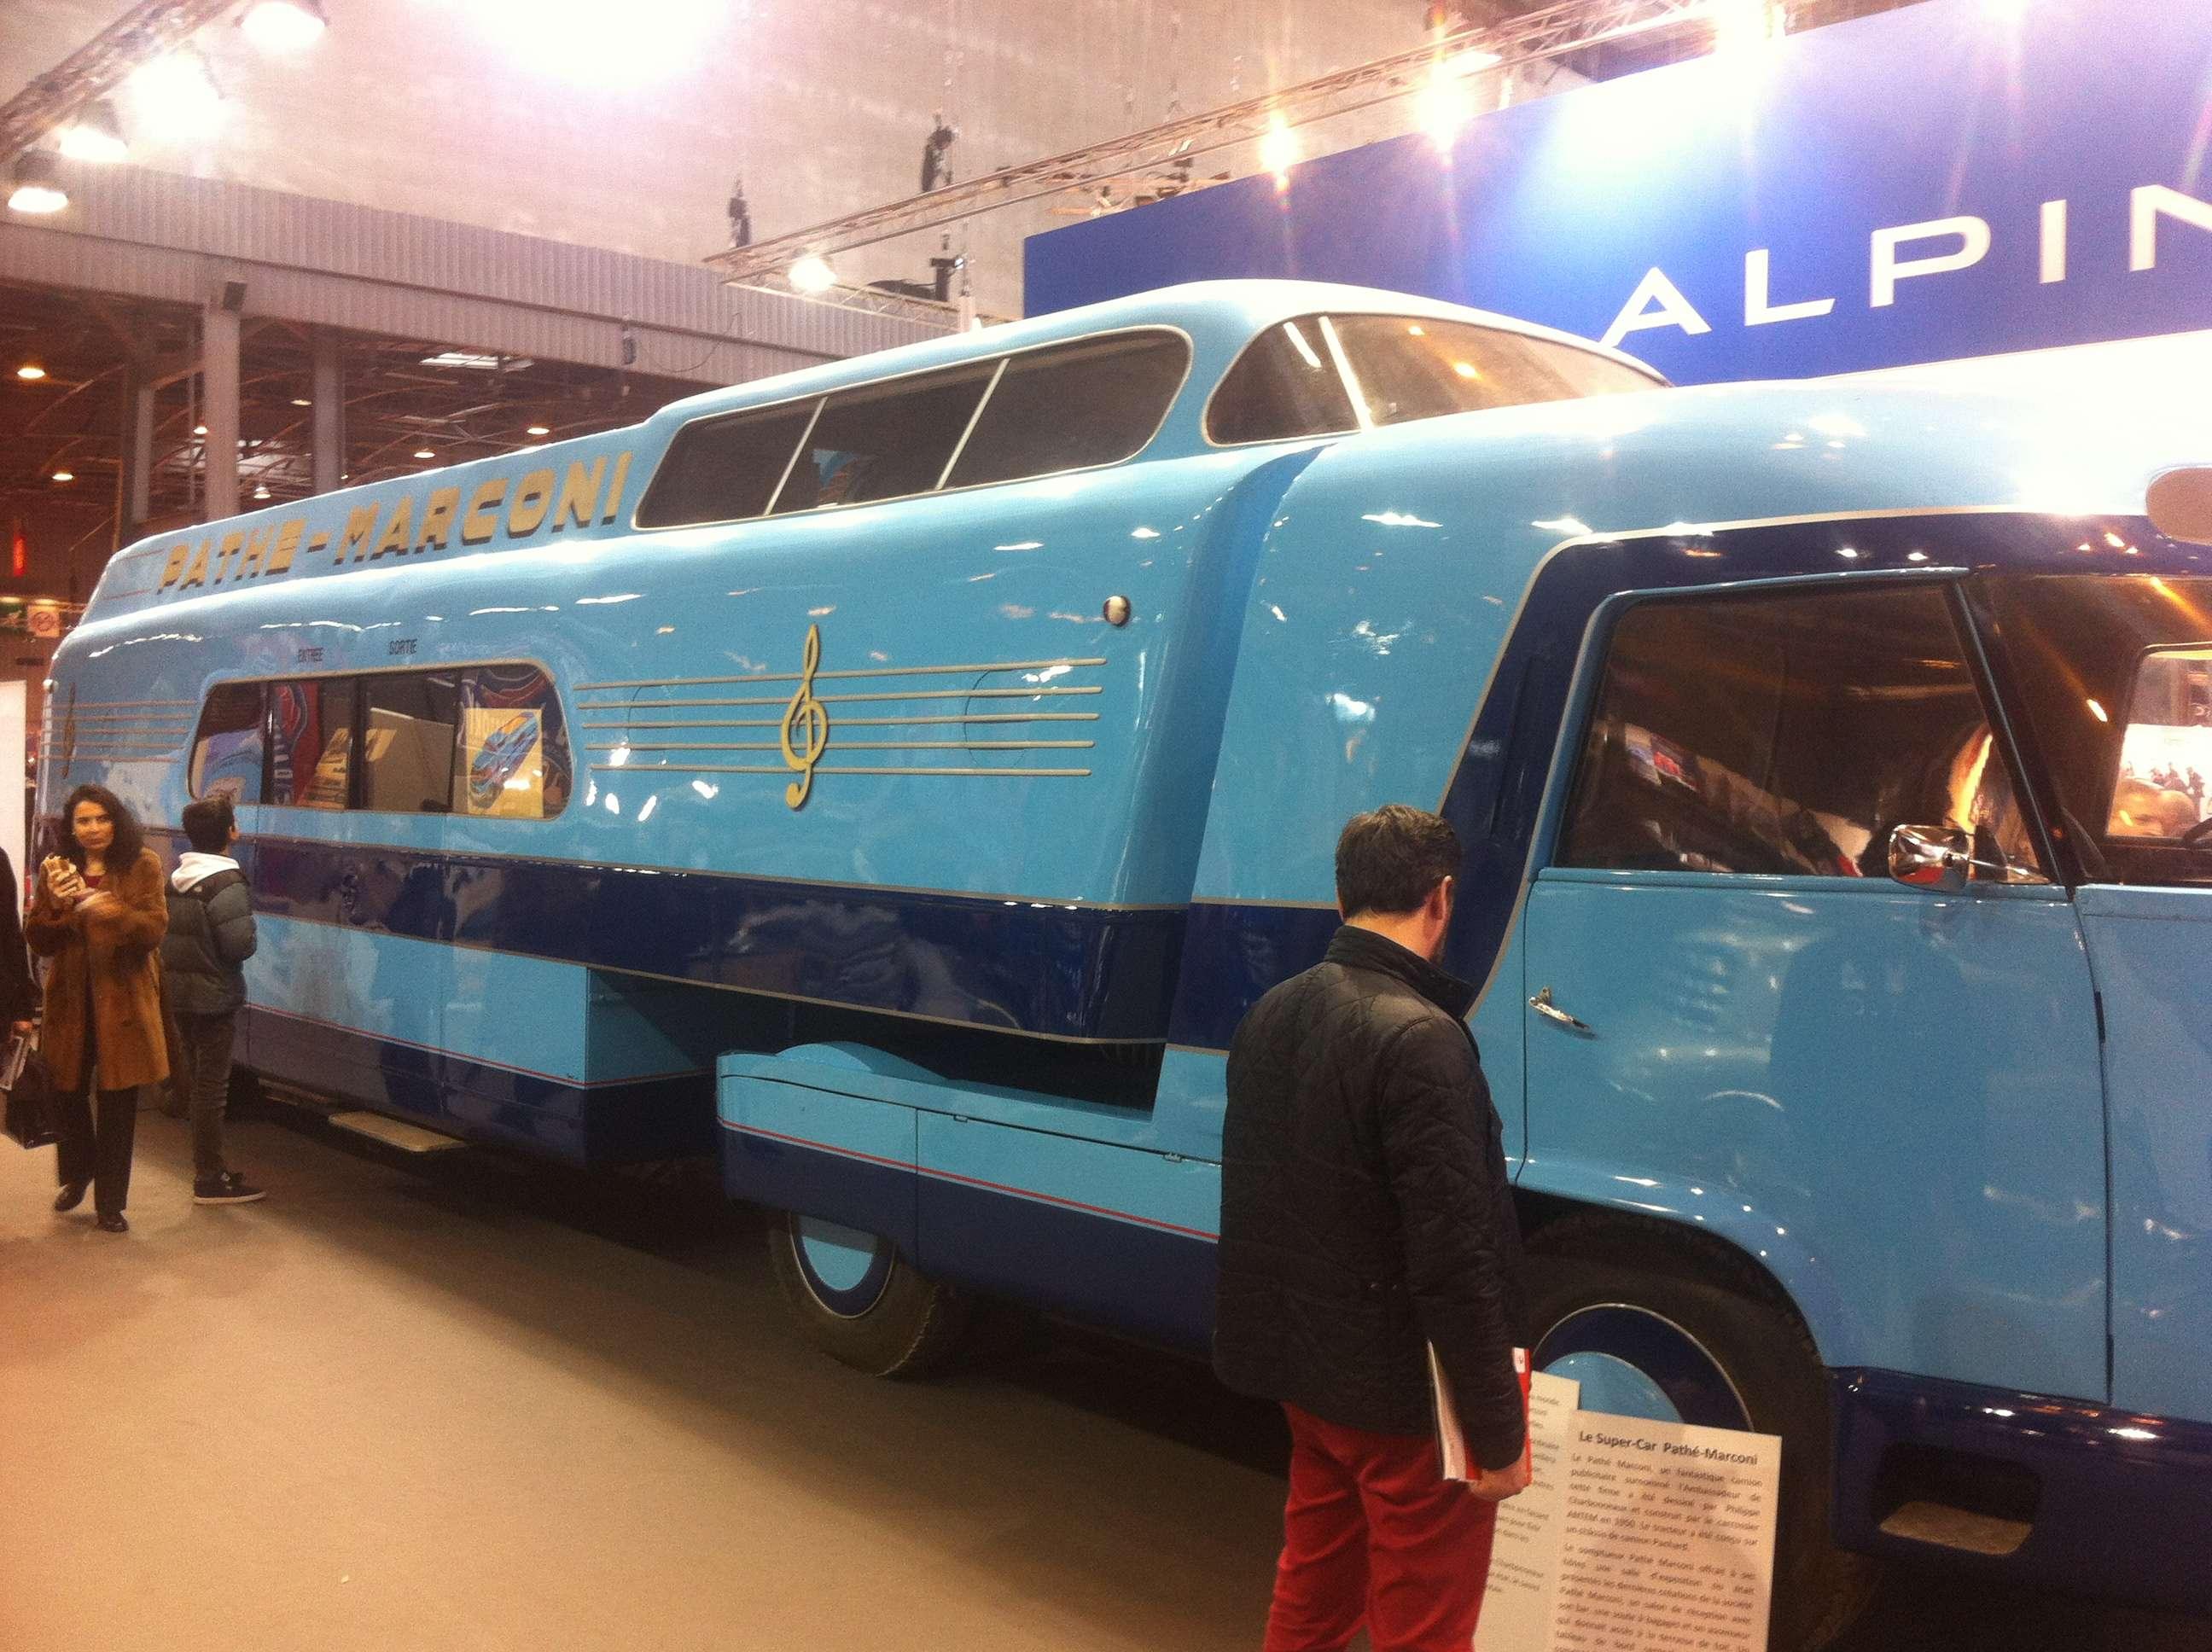 Camion publicitar unic în lume, comandat în 1950 de Pathé Marconi; la bord e o salà de expozitie, bar si lift ca sà ajungi pe acoperis!